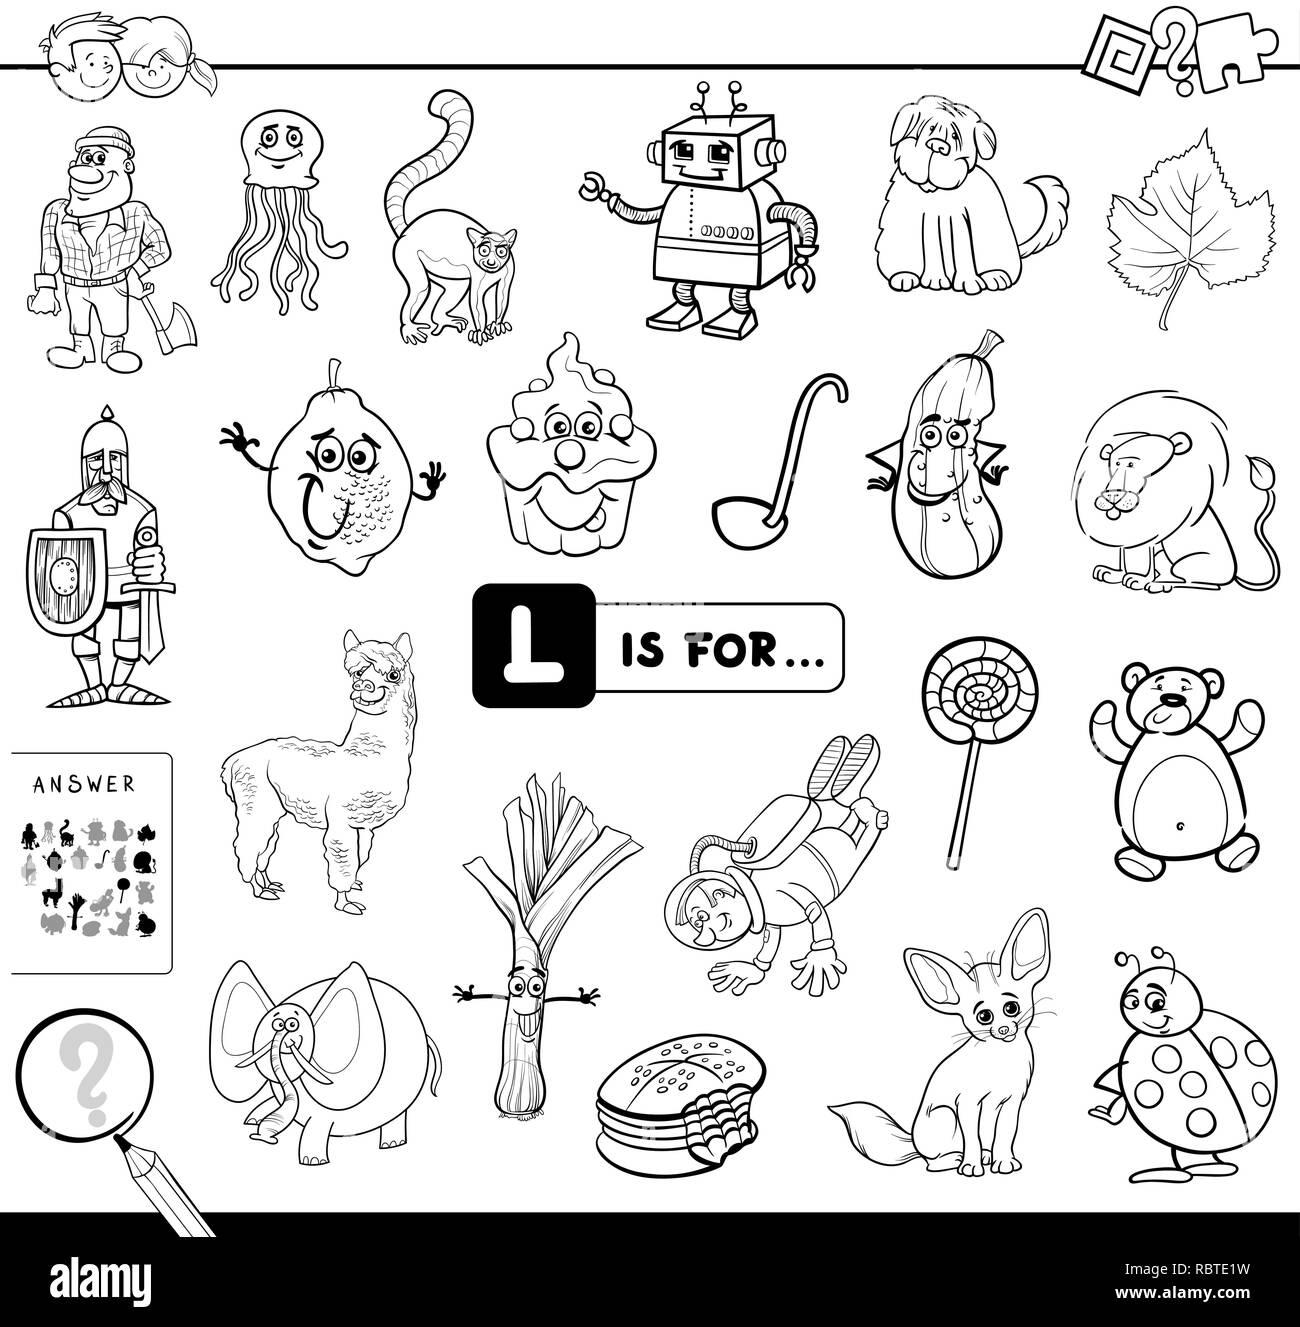 Schwarze Und Weiße Cartoon Abbildung Bild Suchen Beginnend Mit Dem